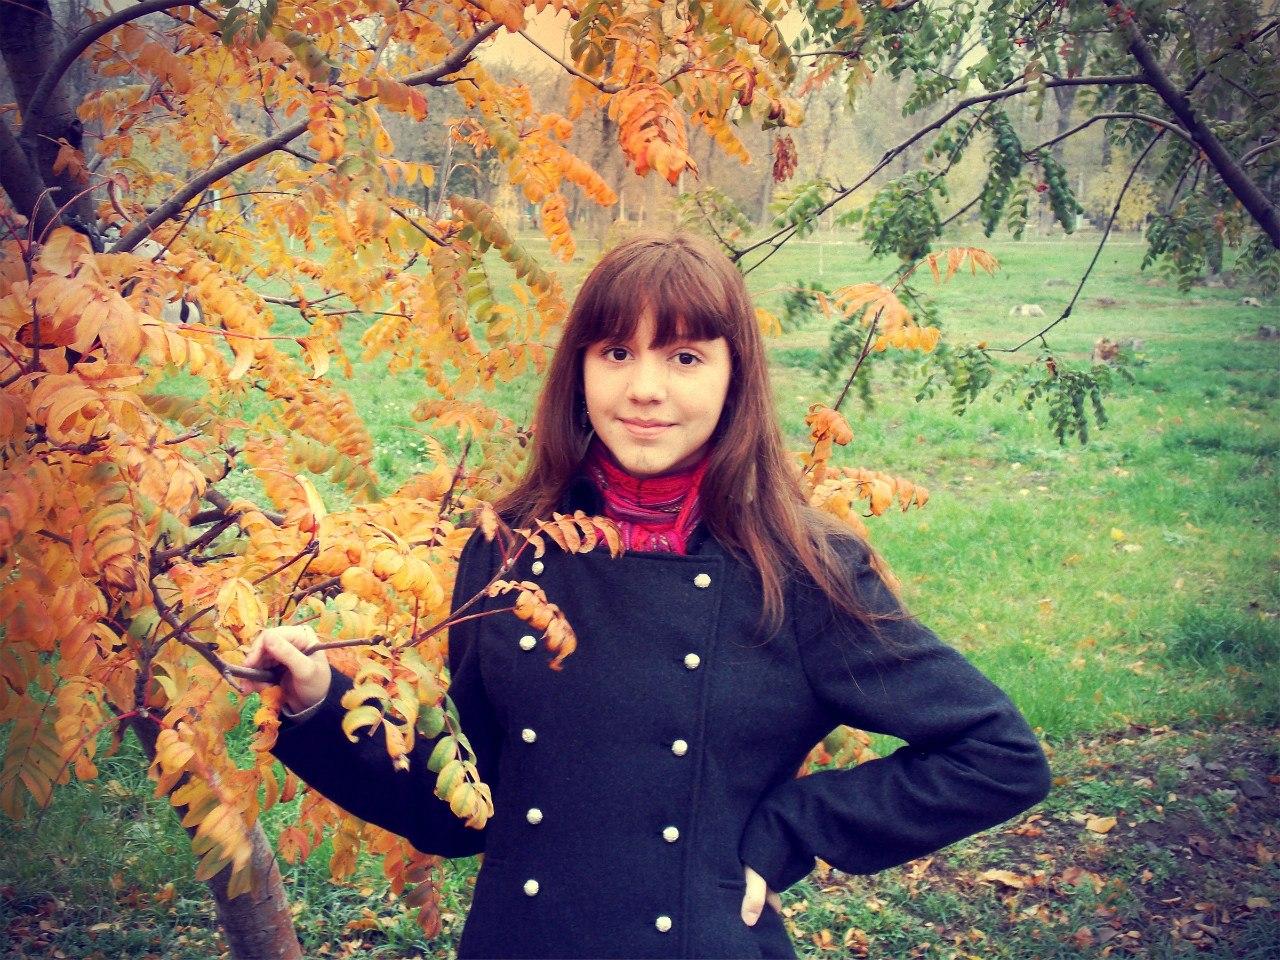 Осенние фотки - Страница 2 QPmmkkf7XQs